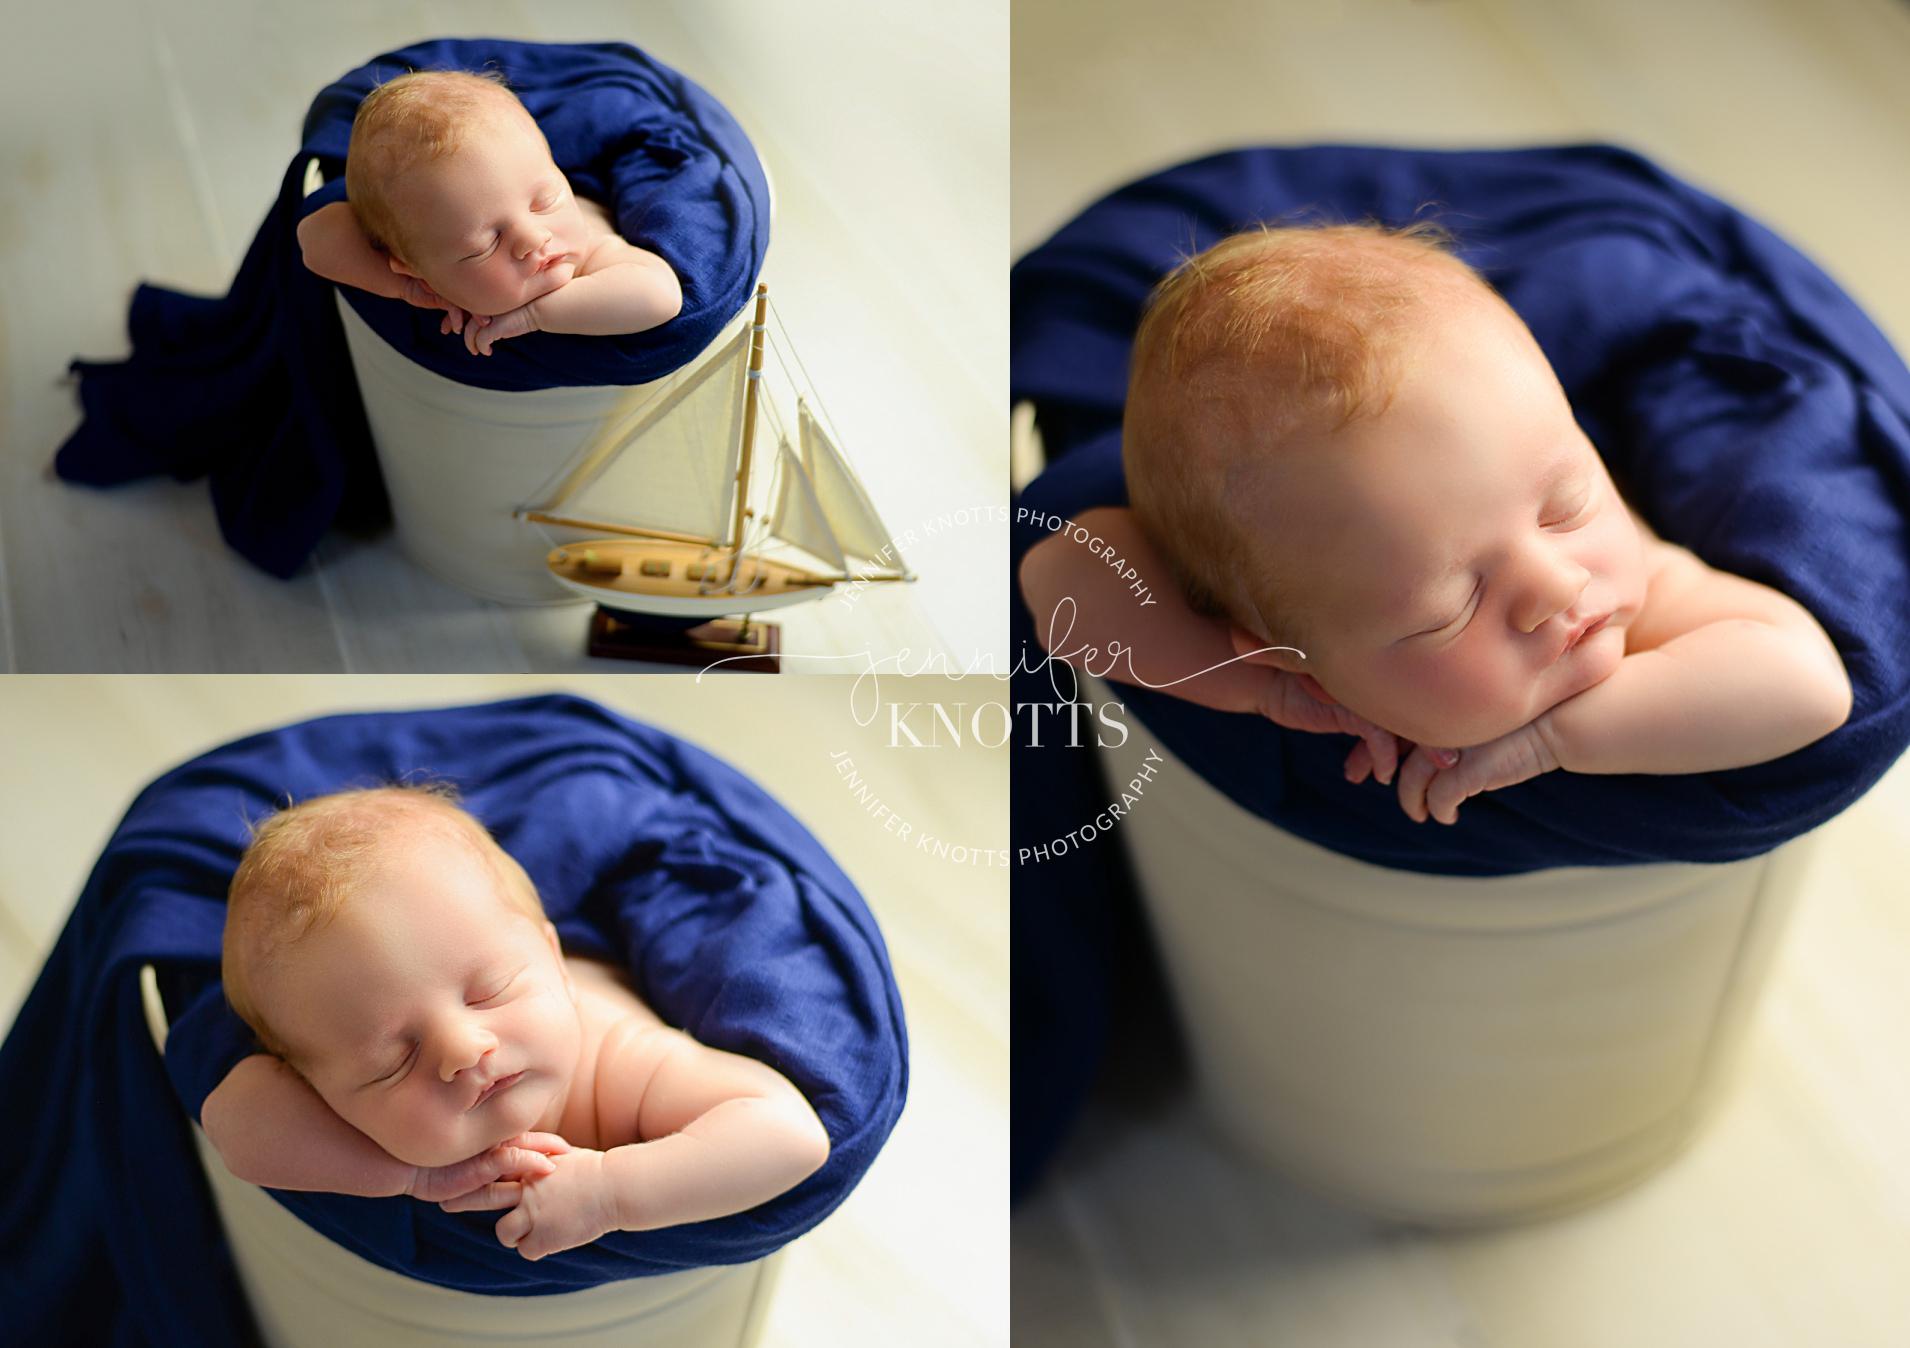 Wilmington newborn photographer captures newborn sleeping in bucket